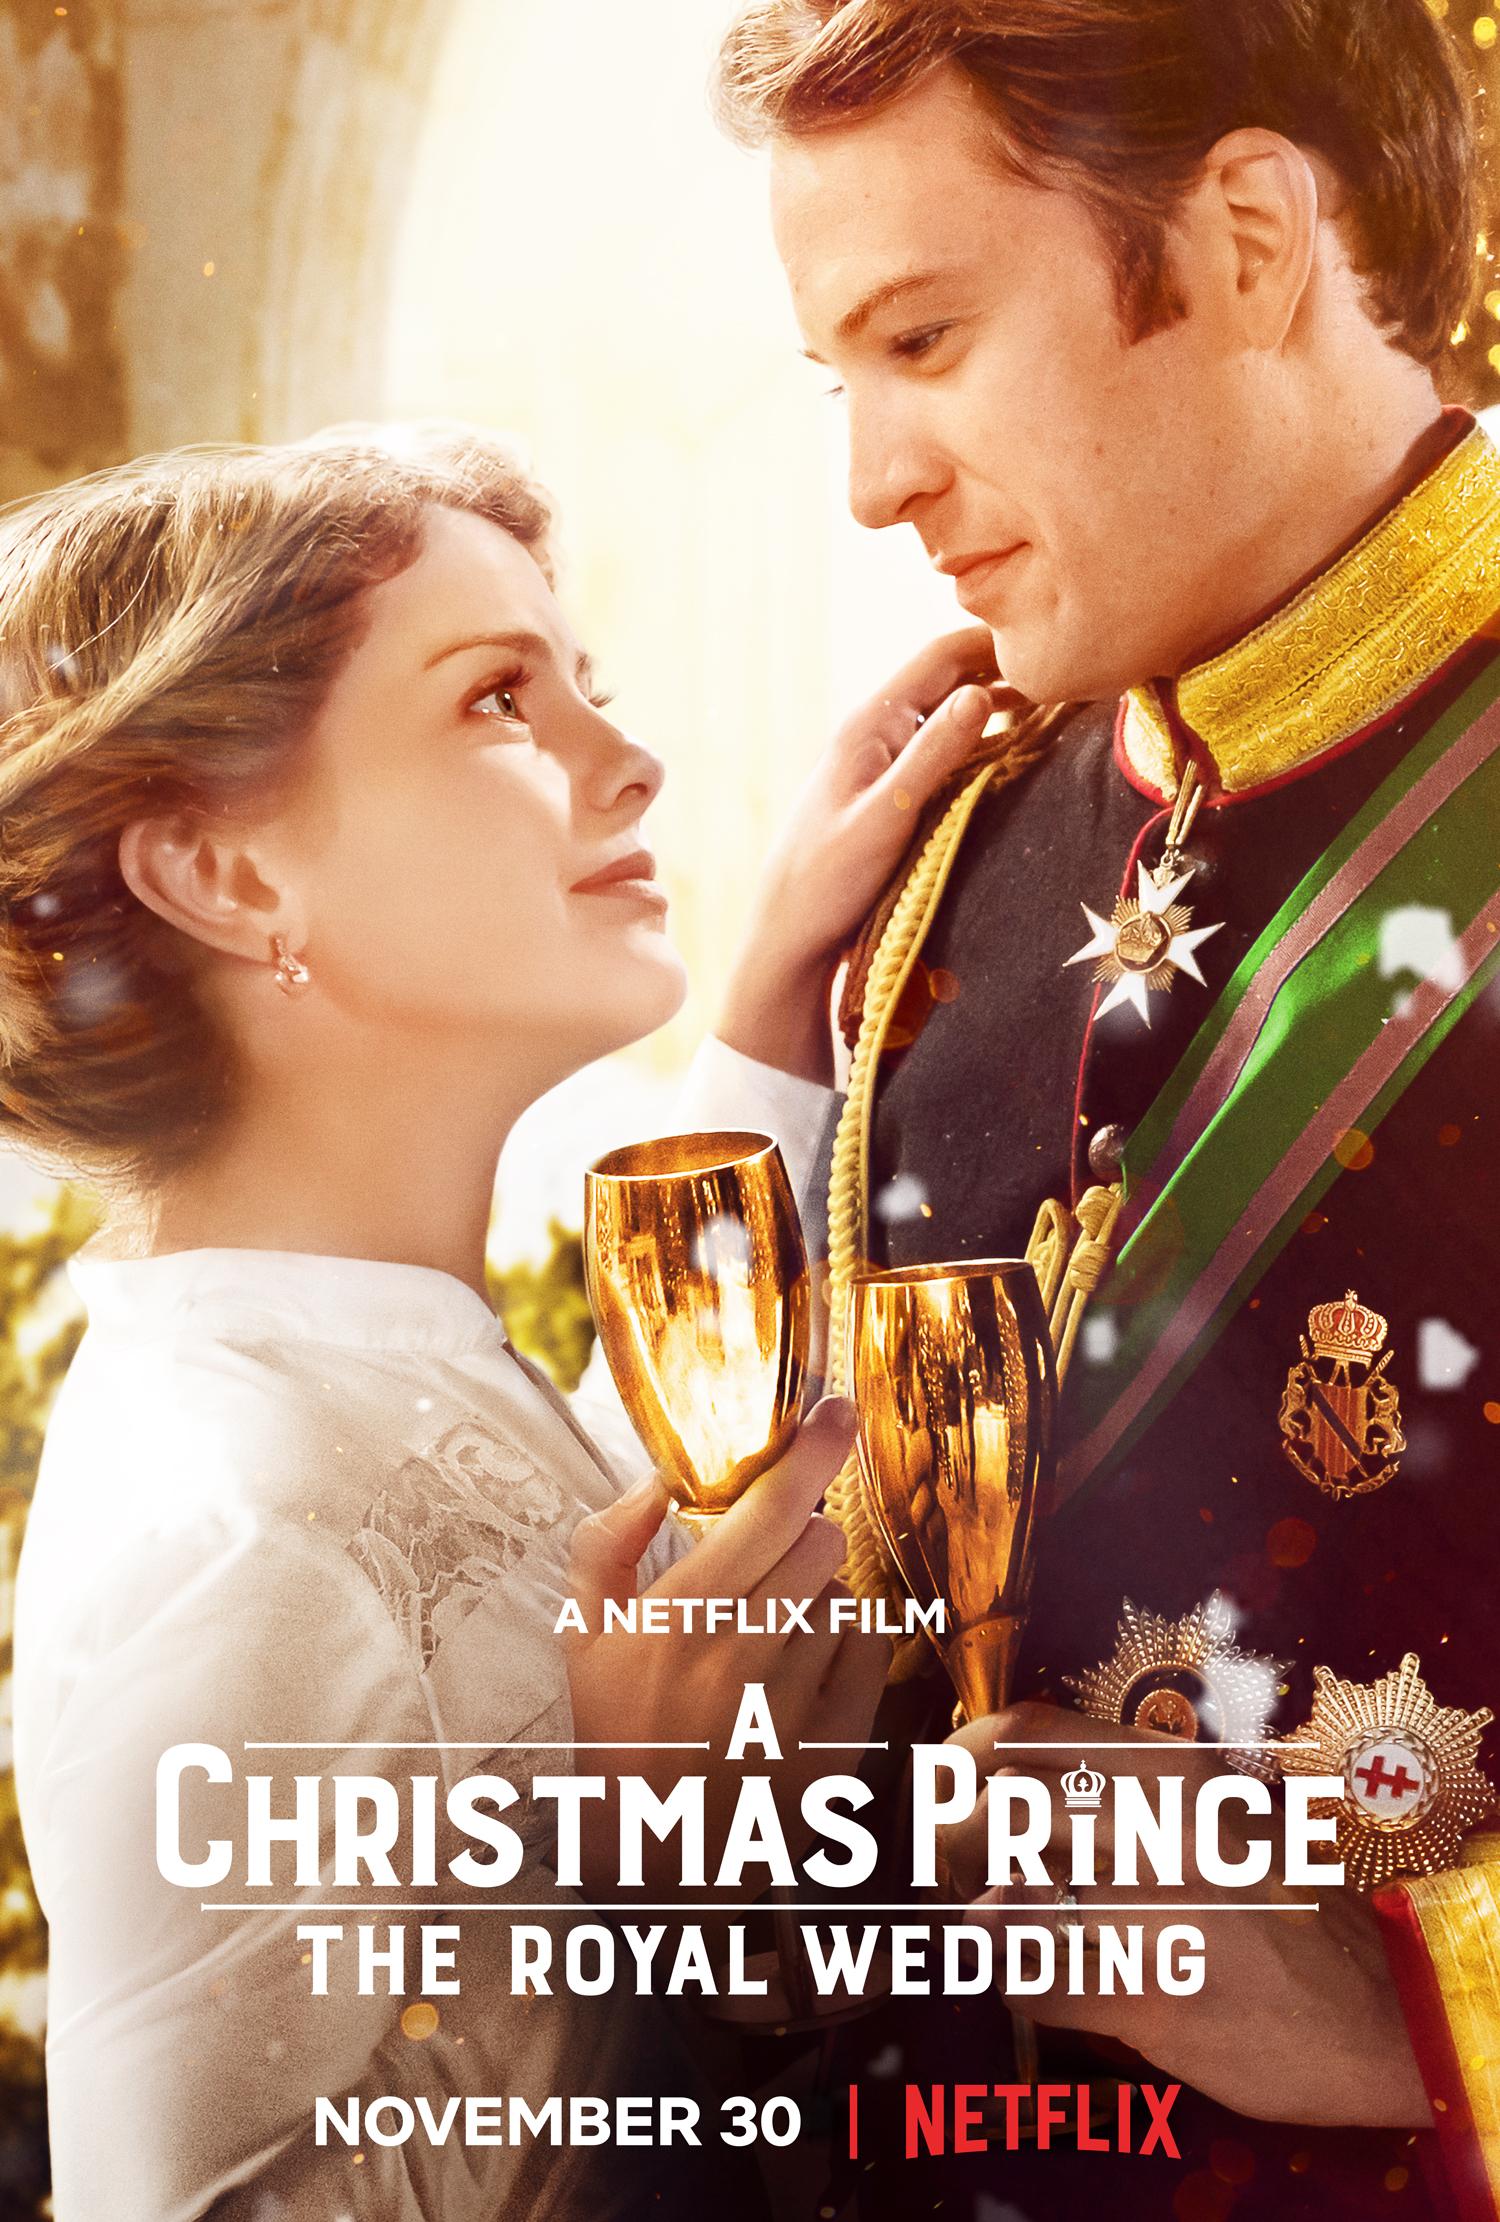 a-christmas-prince-royal-wedding-poster.jpg